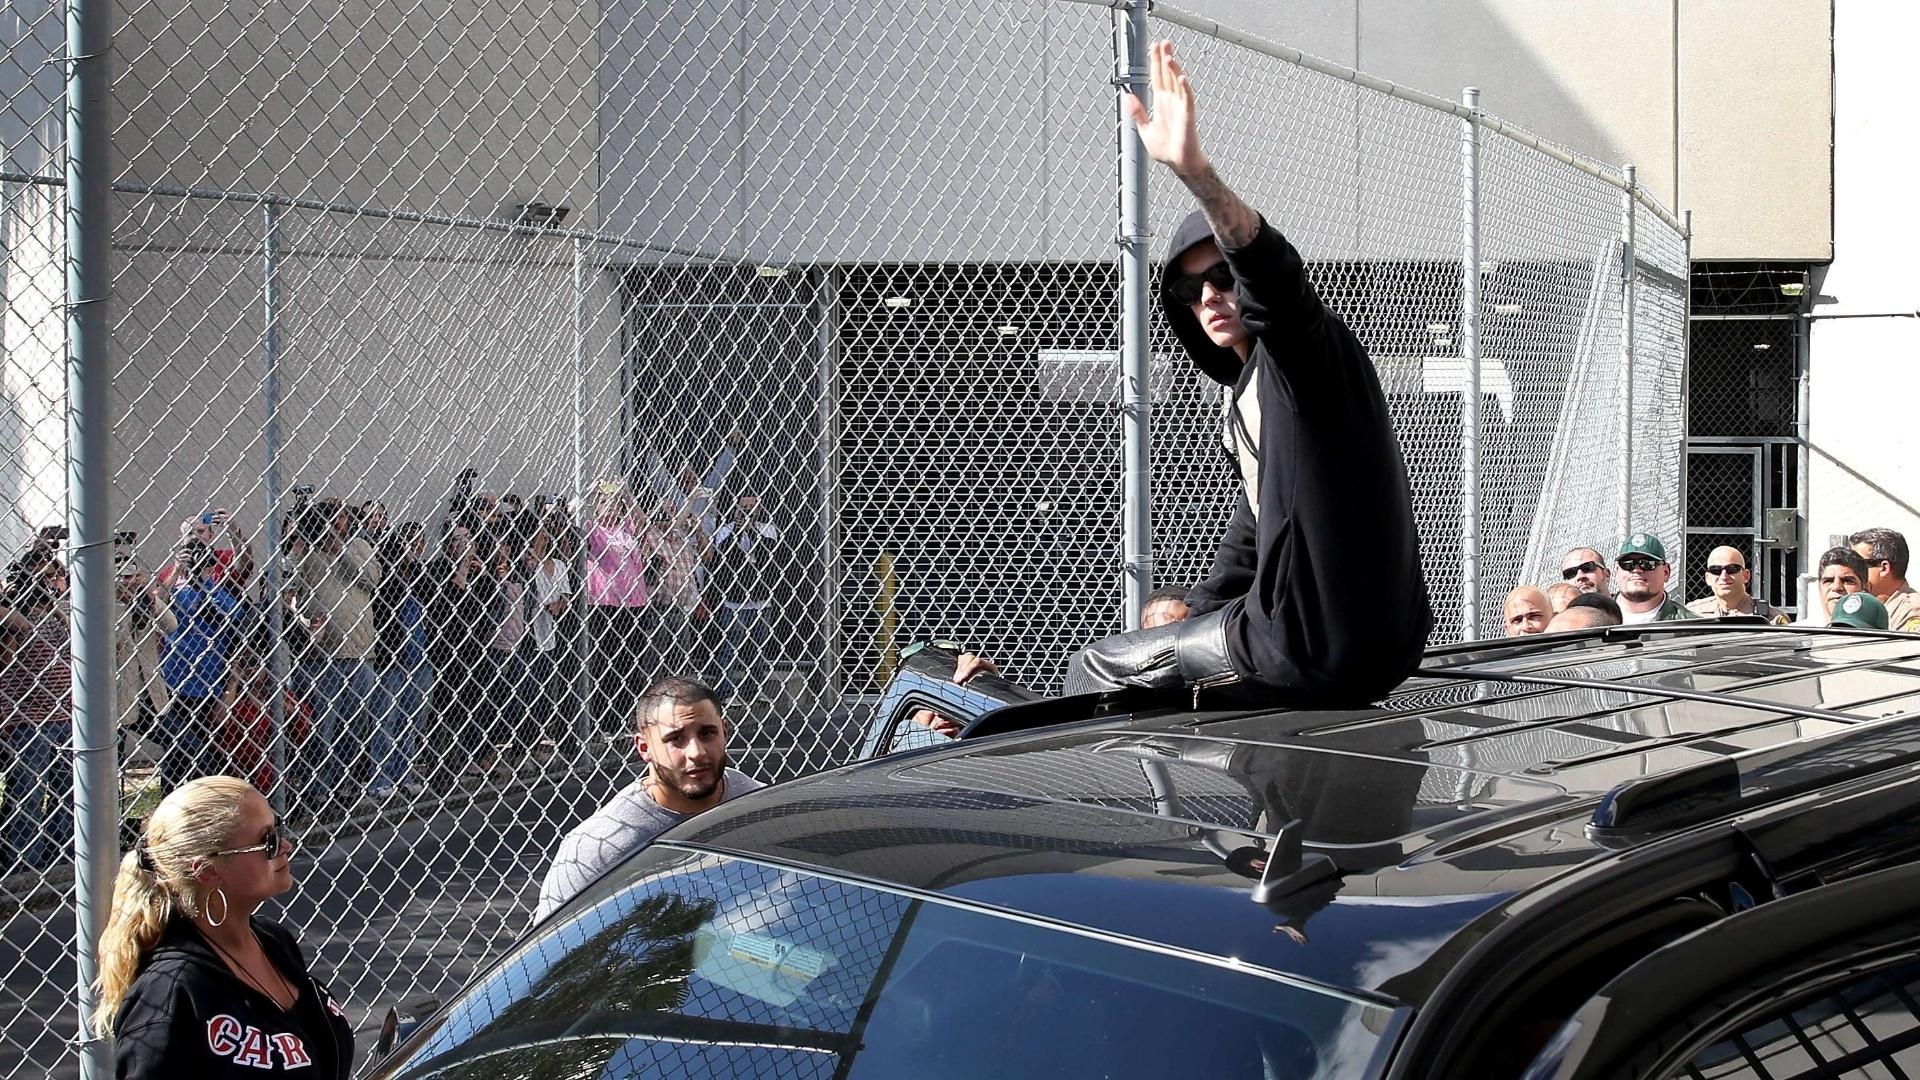 23.jan.2014 - Justin Bieber deixou a prisão após comparecer à primeira audiência, no Centro de Correção Turner Guilford Knight, em Miami. 23.jan.2014 - Justin Bieber deixou a prisão após comparecer à primeira audiência, no Centro de Correção Turner Guilford Knight, em Miami. O cantor foi preso por dirigir alcoolizado. A emissora de TV americana NBC filmou o momento e exibiu quando o cantor acenou para os jornalistas do topo de um carro